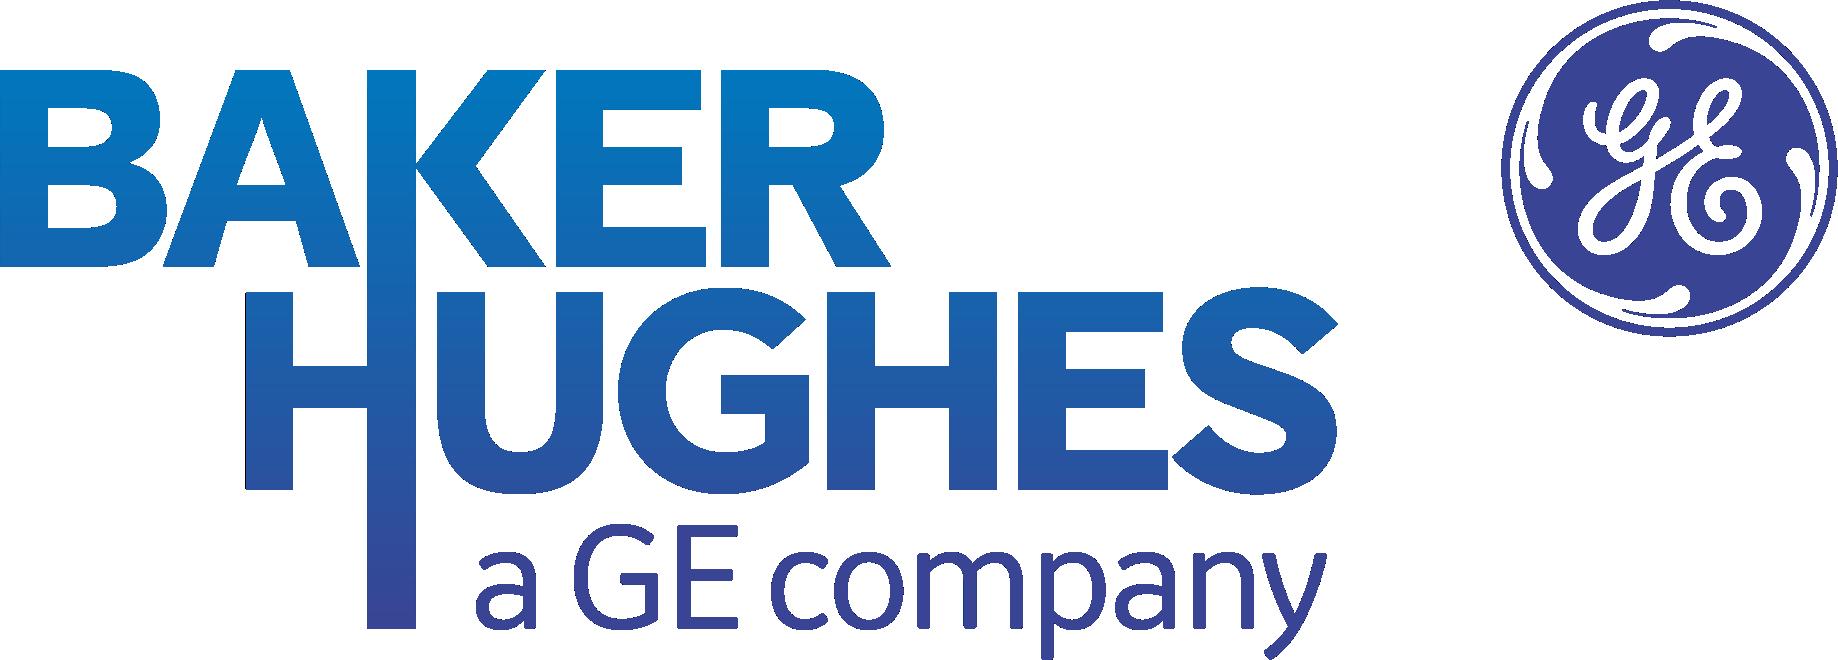 Crown Sponsorships - $2,500 - Baker Hughes - Logo